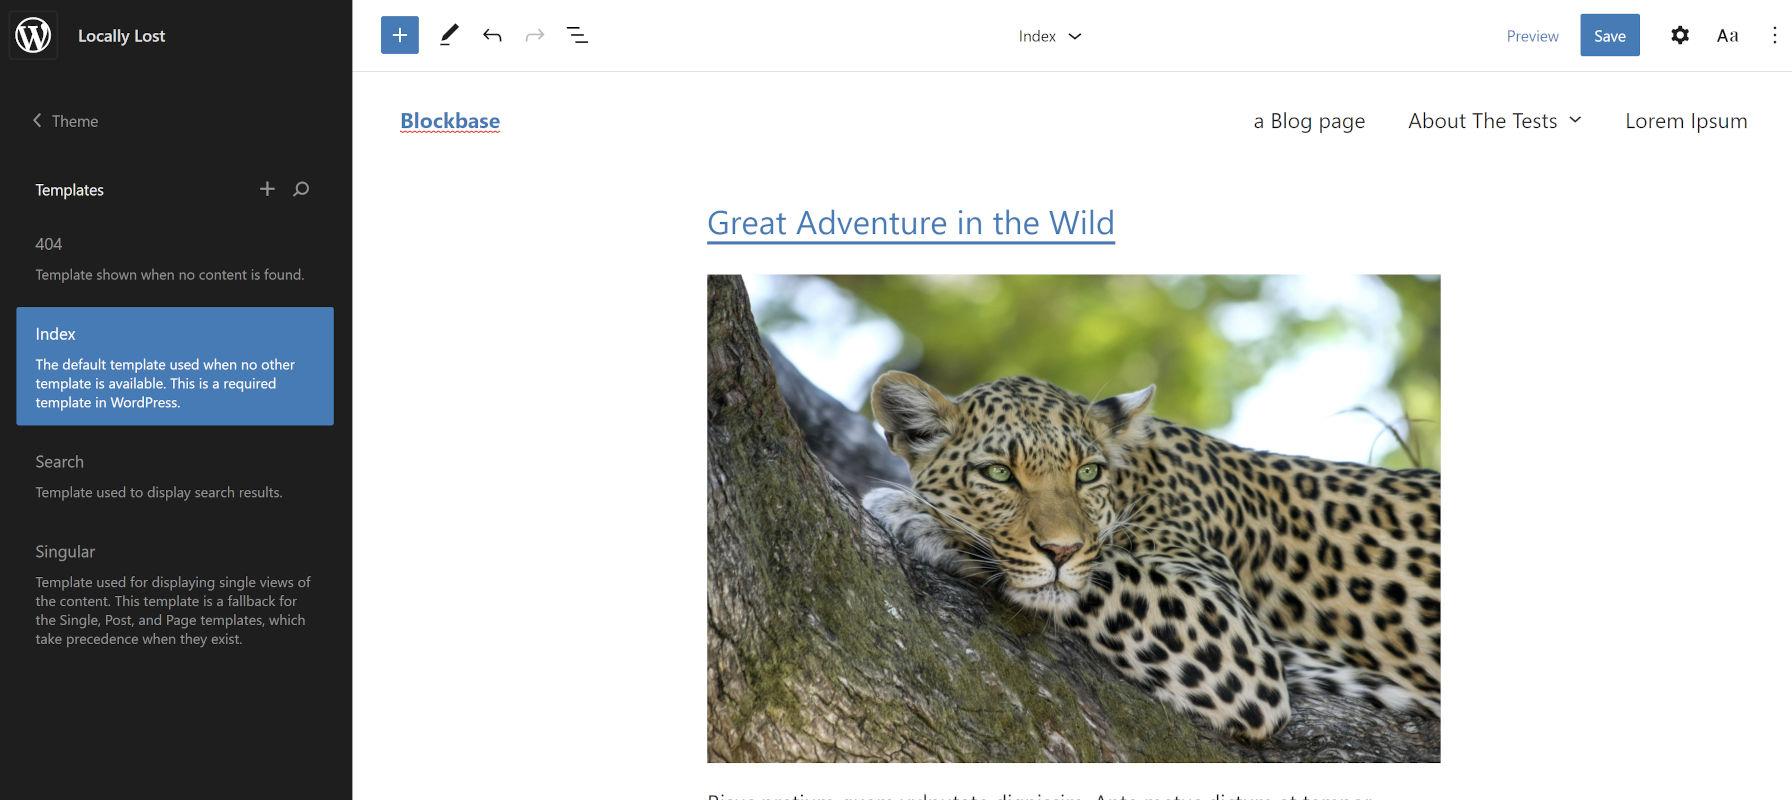 Affichage du thème WordPress de démarrage Blockbase dans le prochain éditeur de site.